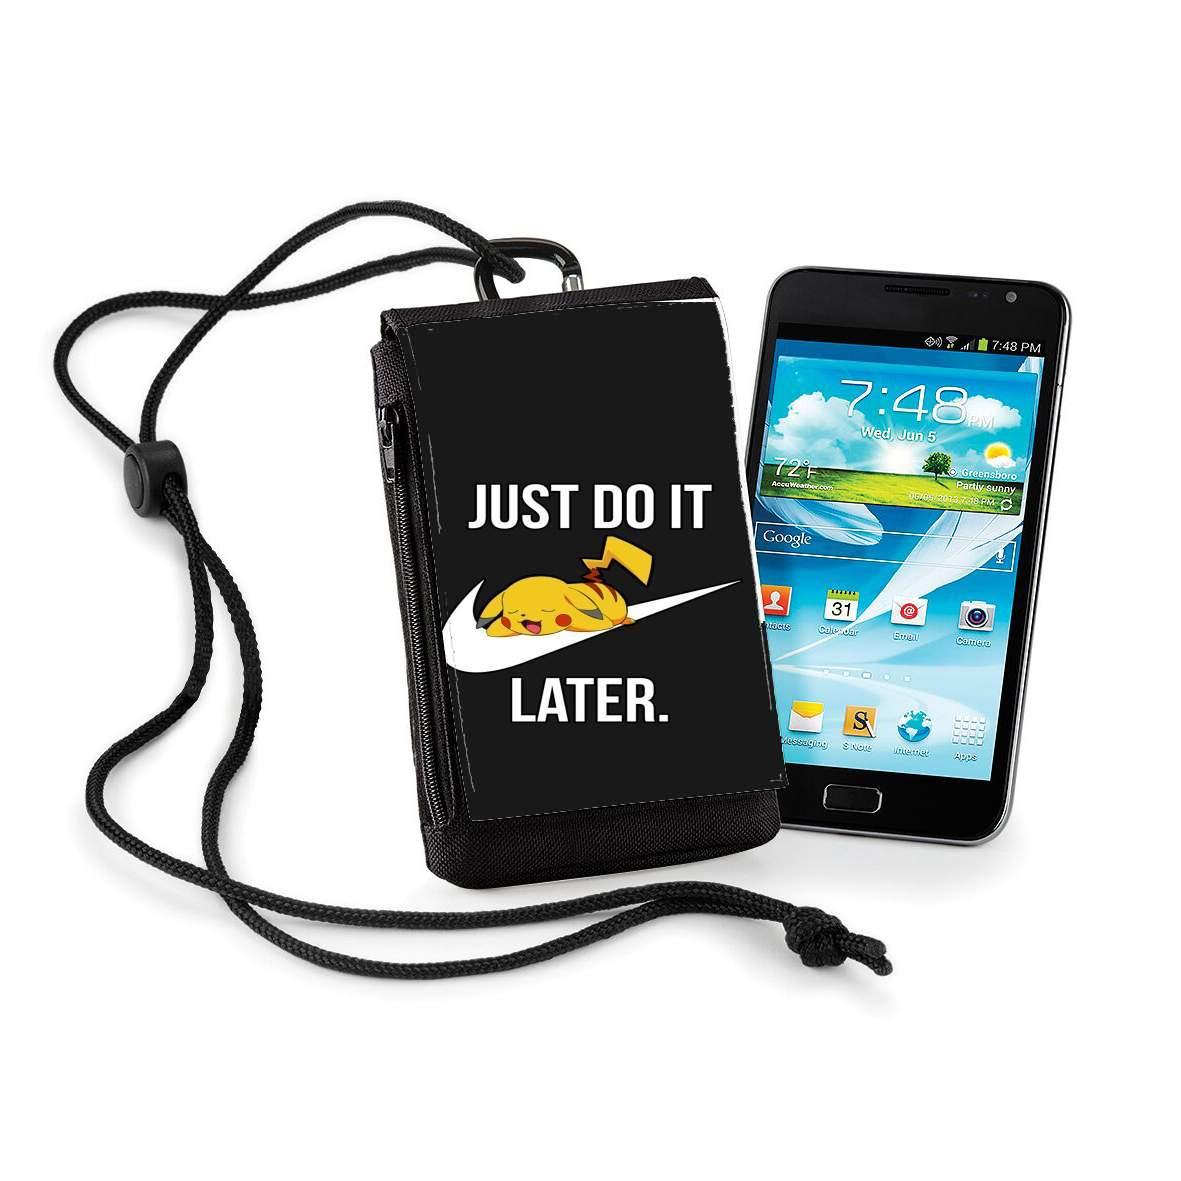 ee434292312 ... Wiko, teléfono Huawei con nuestro